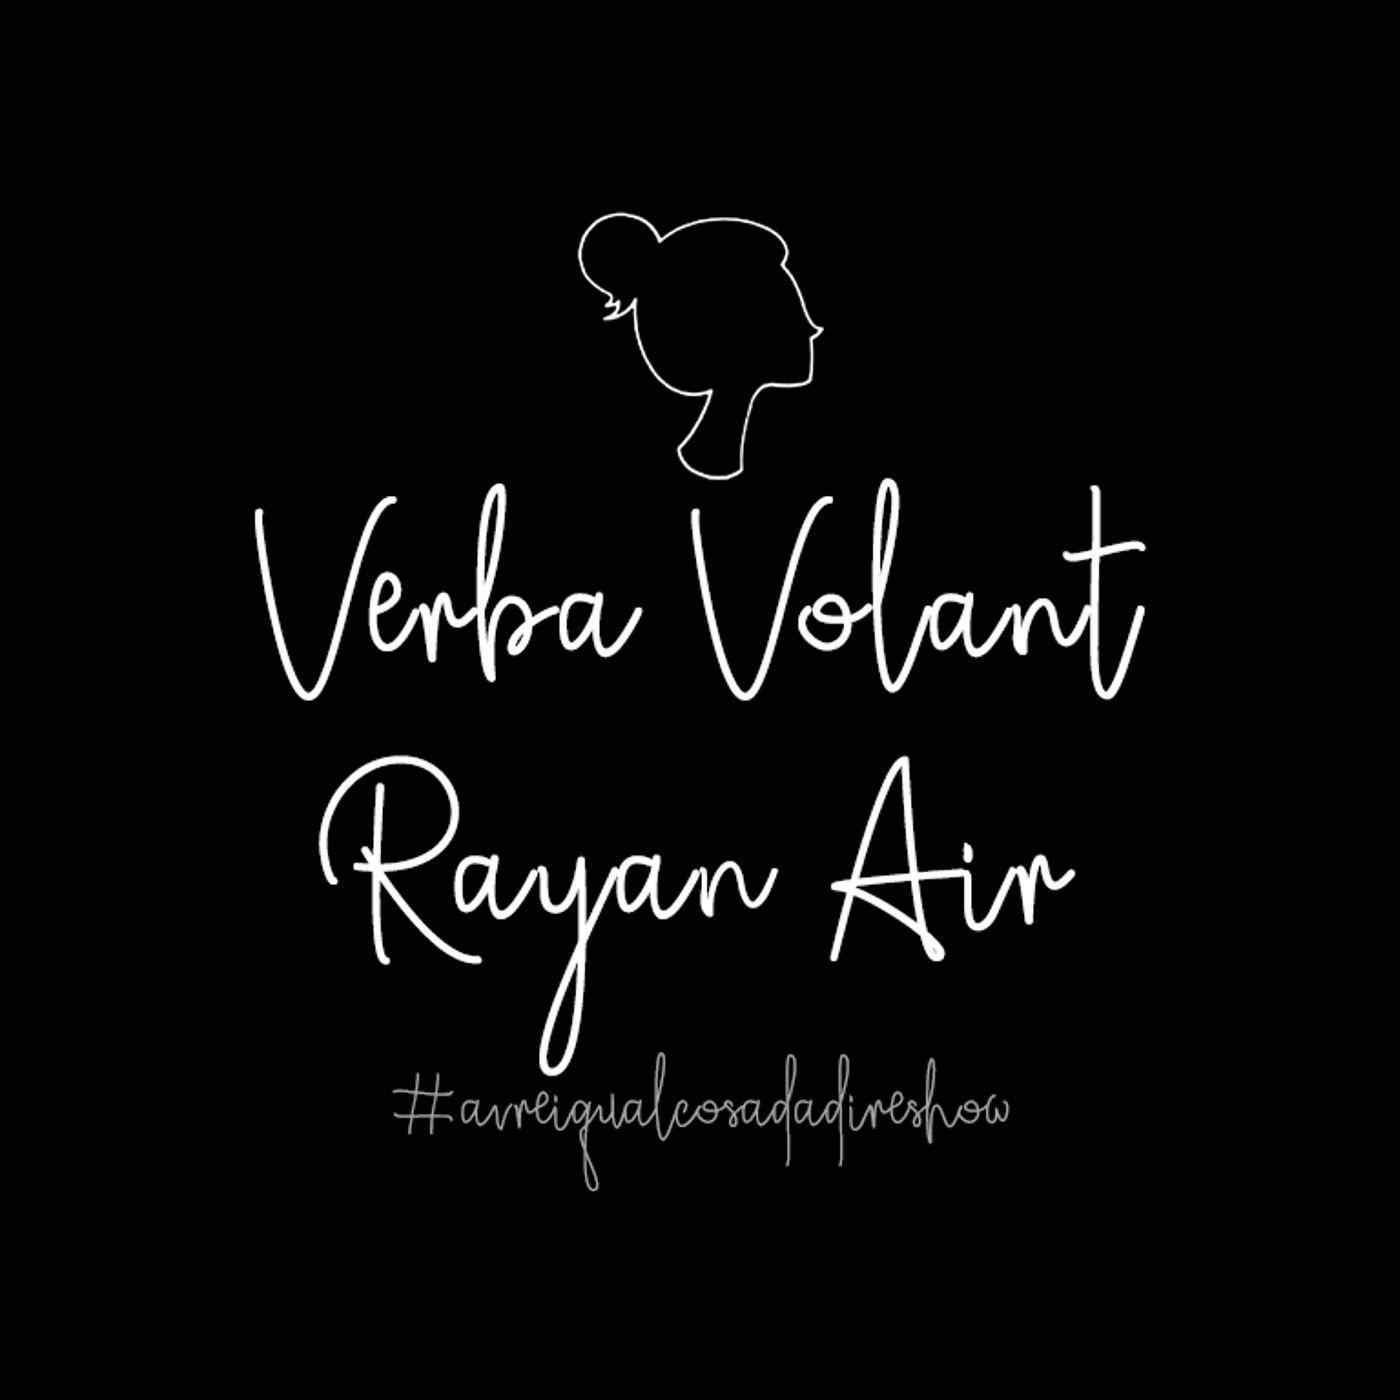 Verba Volant Rayan Air - Avrei qualcosa da dire Show